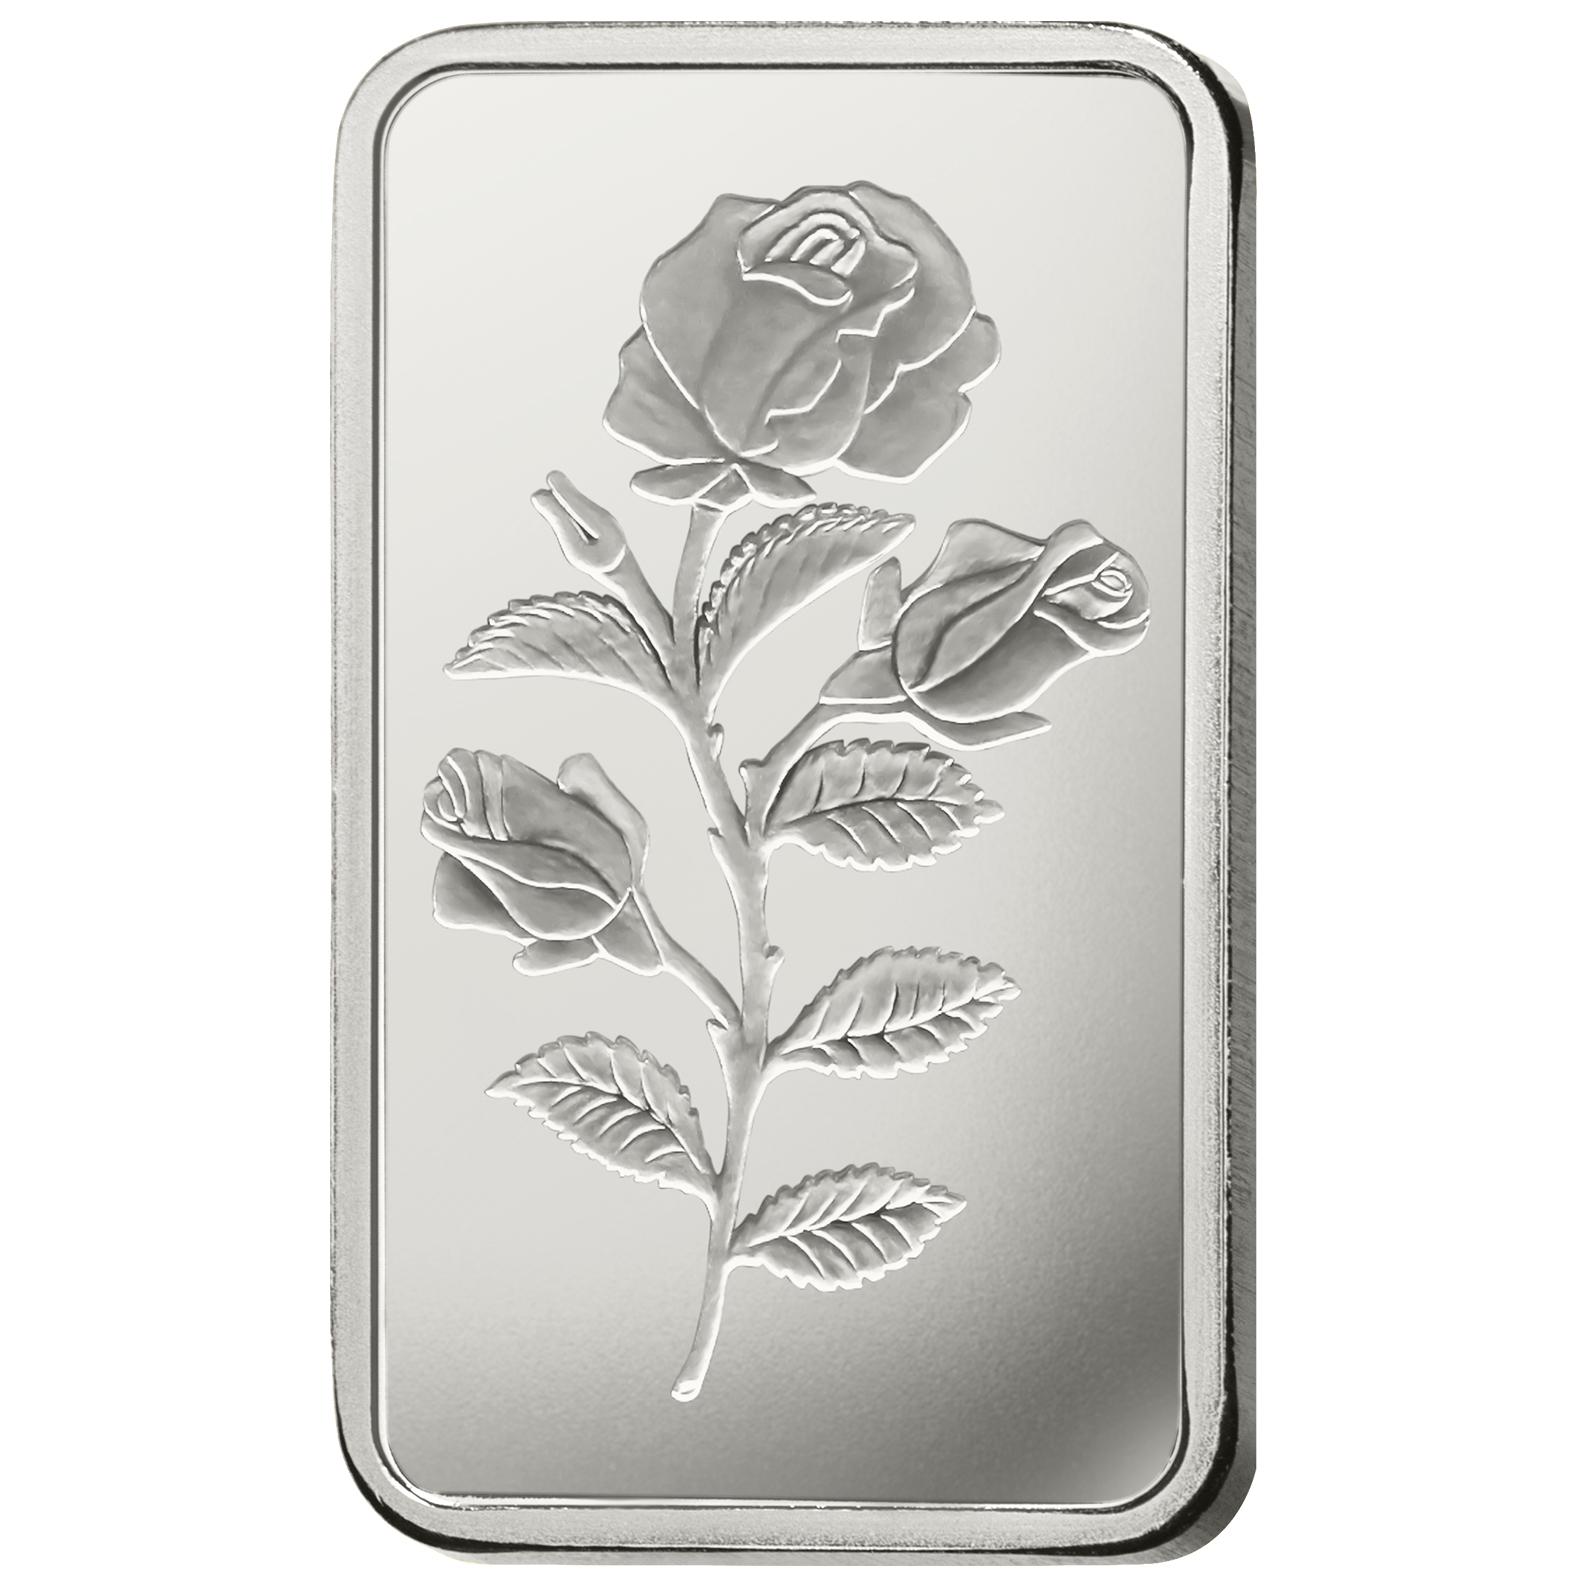 Lingotin d'argent de 20 grammes - PAMP Suisse Rosa